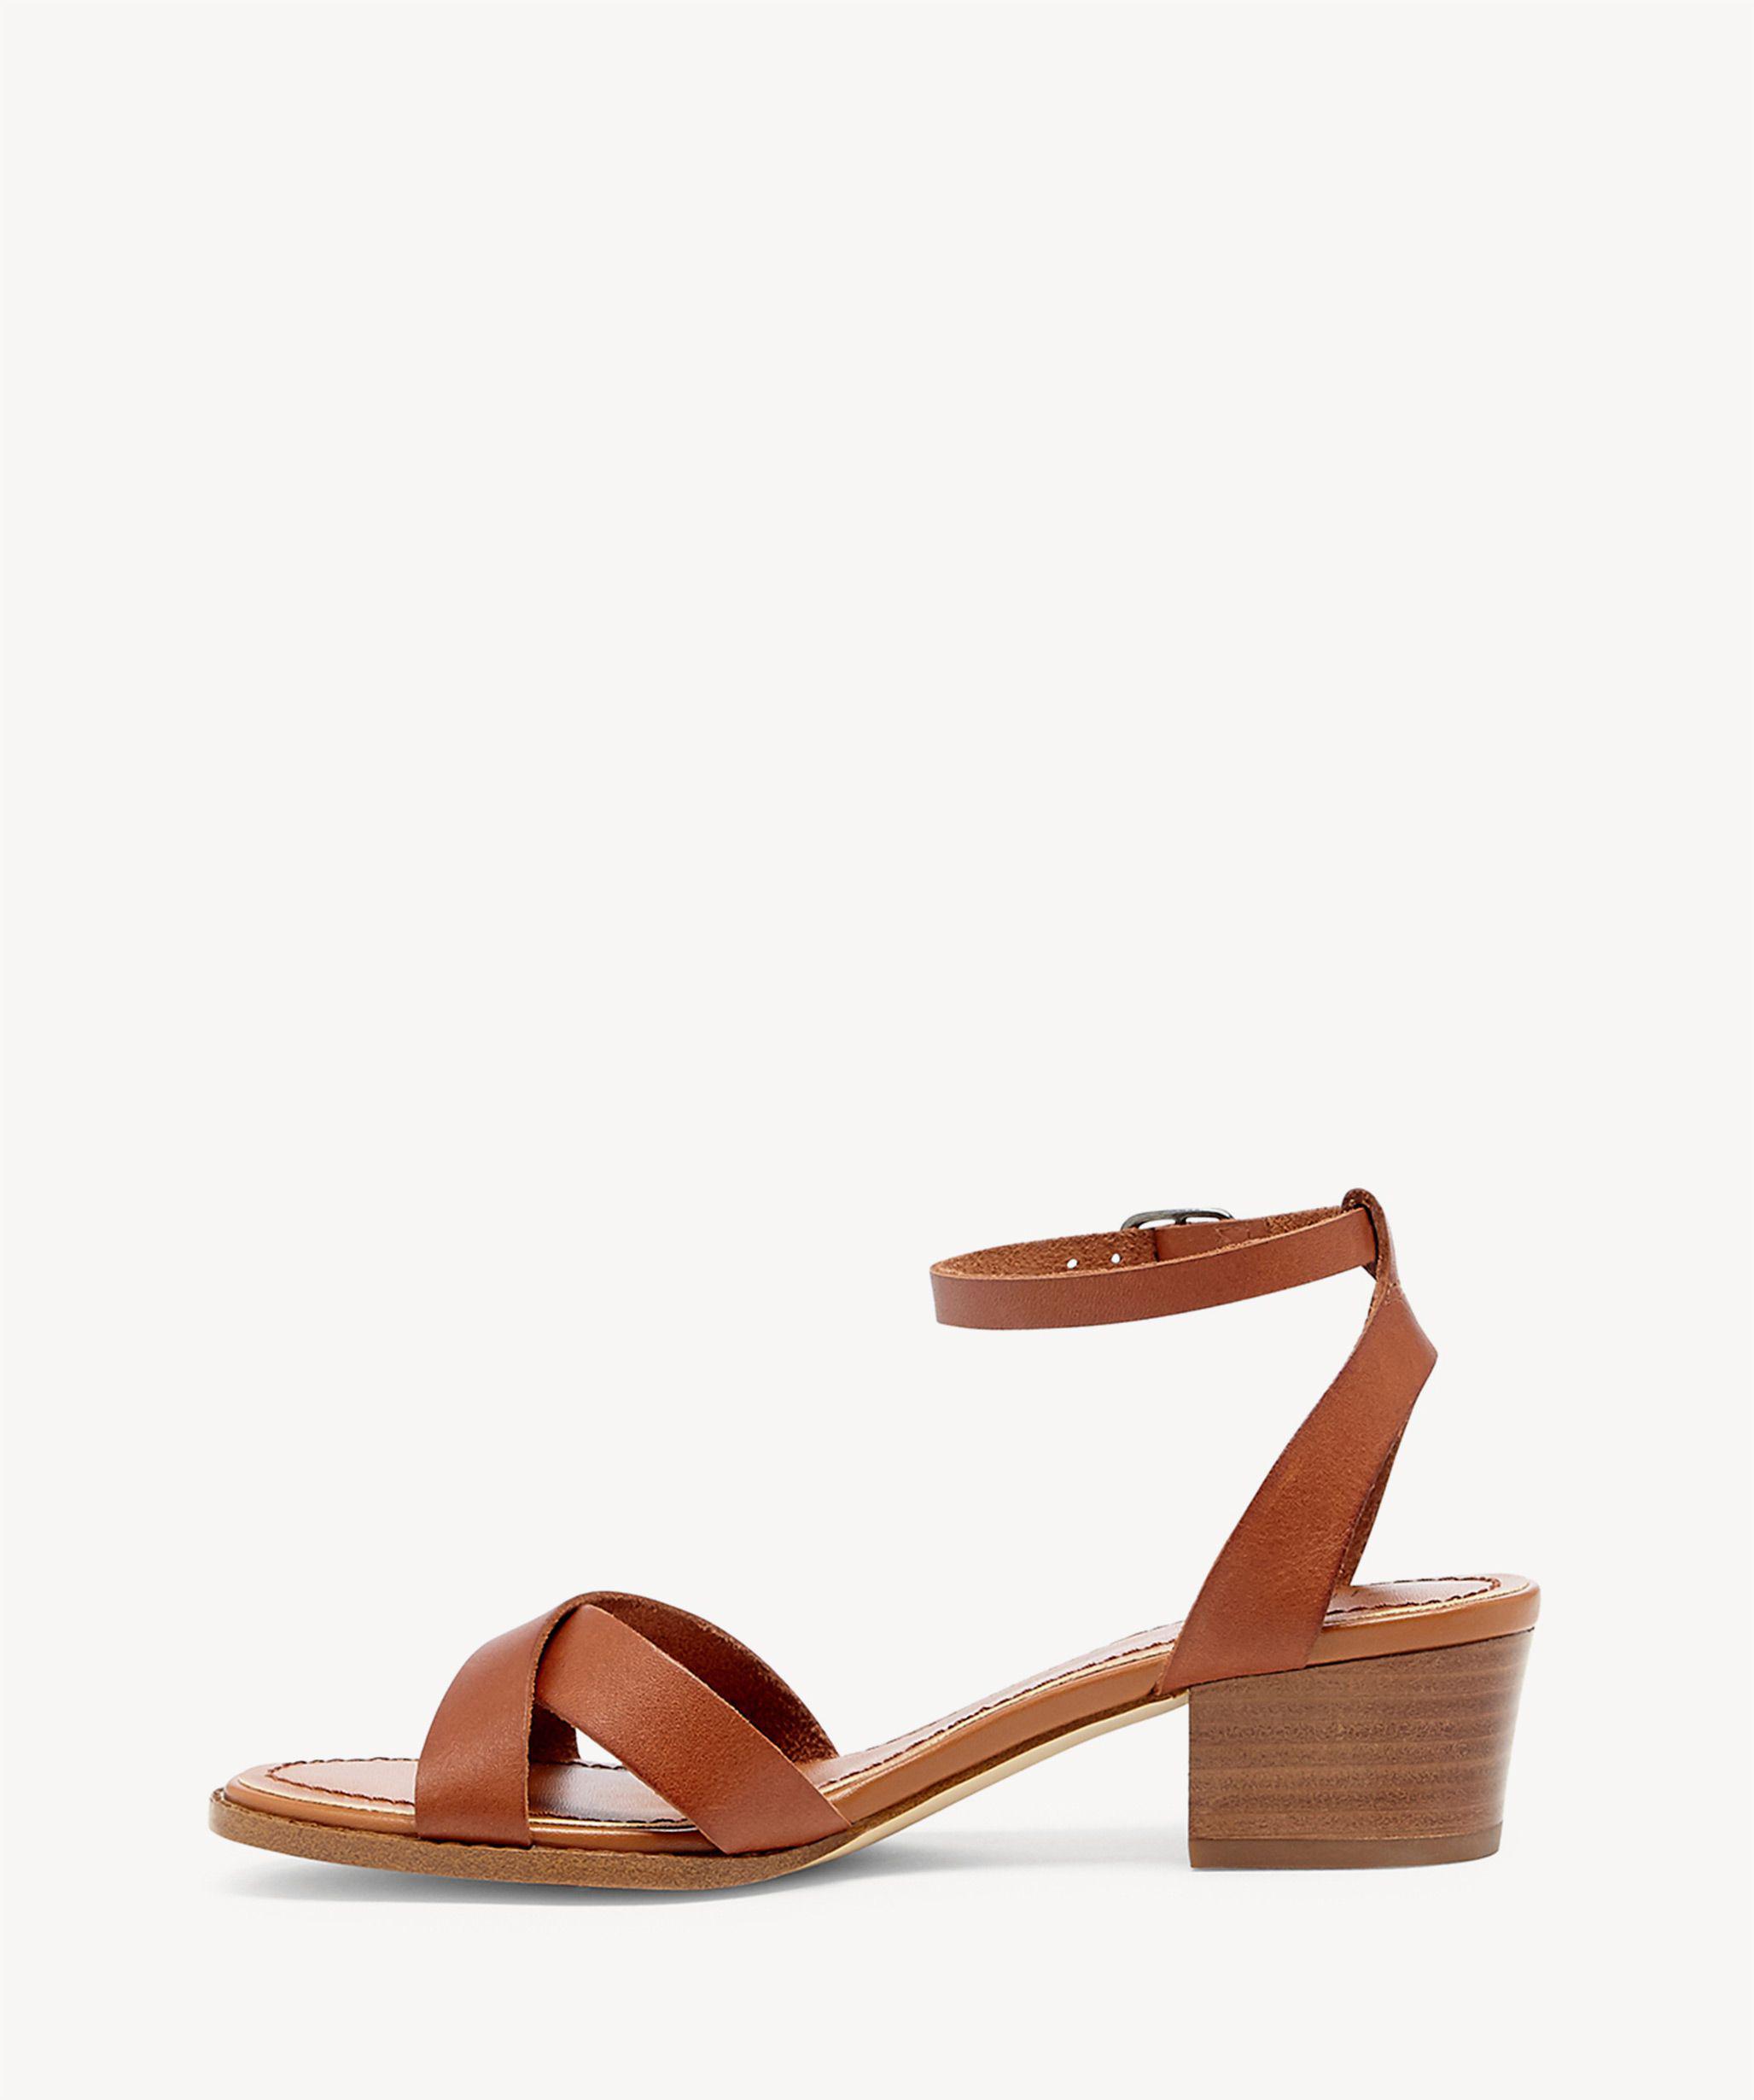 b38ee73f1f2 Lyst - Sole Society Savannah Block Heel Sandal in Brown